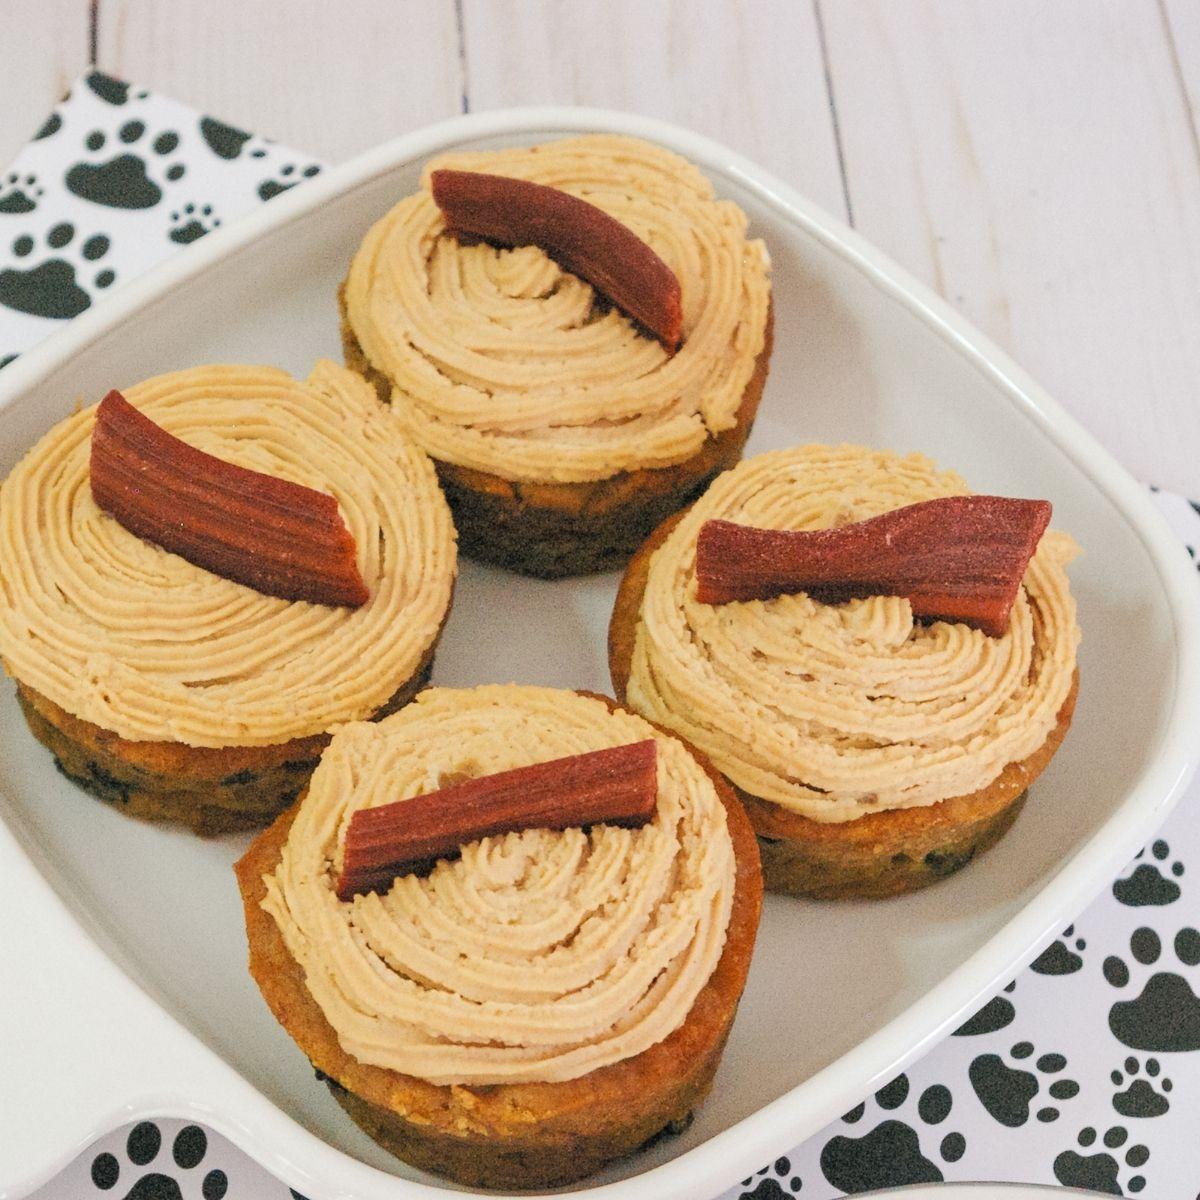 Peanut Butter & Banana Pupcakes